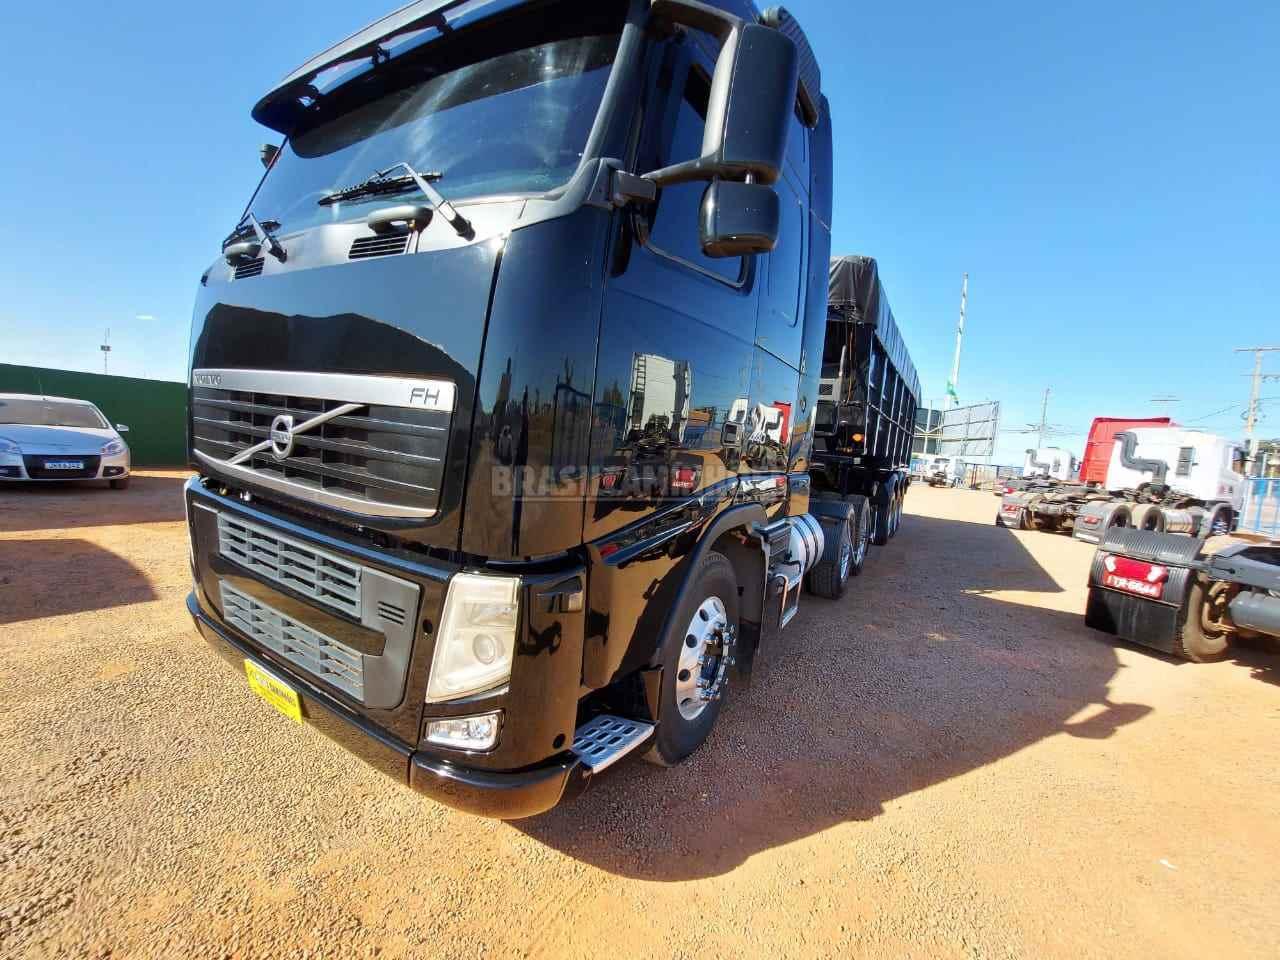 CAMINHAO VOLVO VOLVO FH 440 Caçamba Basculante Traçado 6x4 Brasil Caminhões Sinop SINOP MATO GROSSO MT